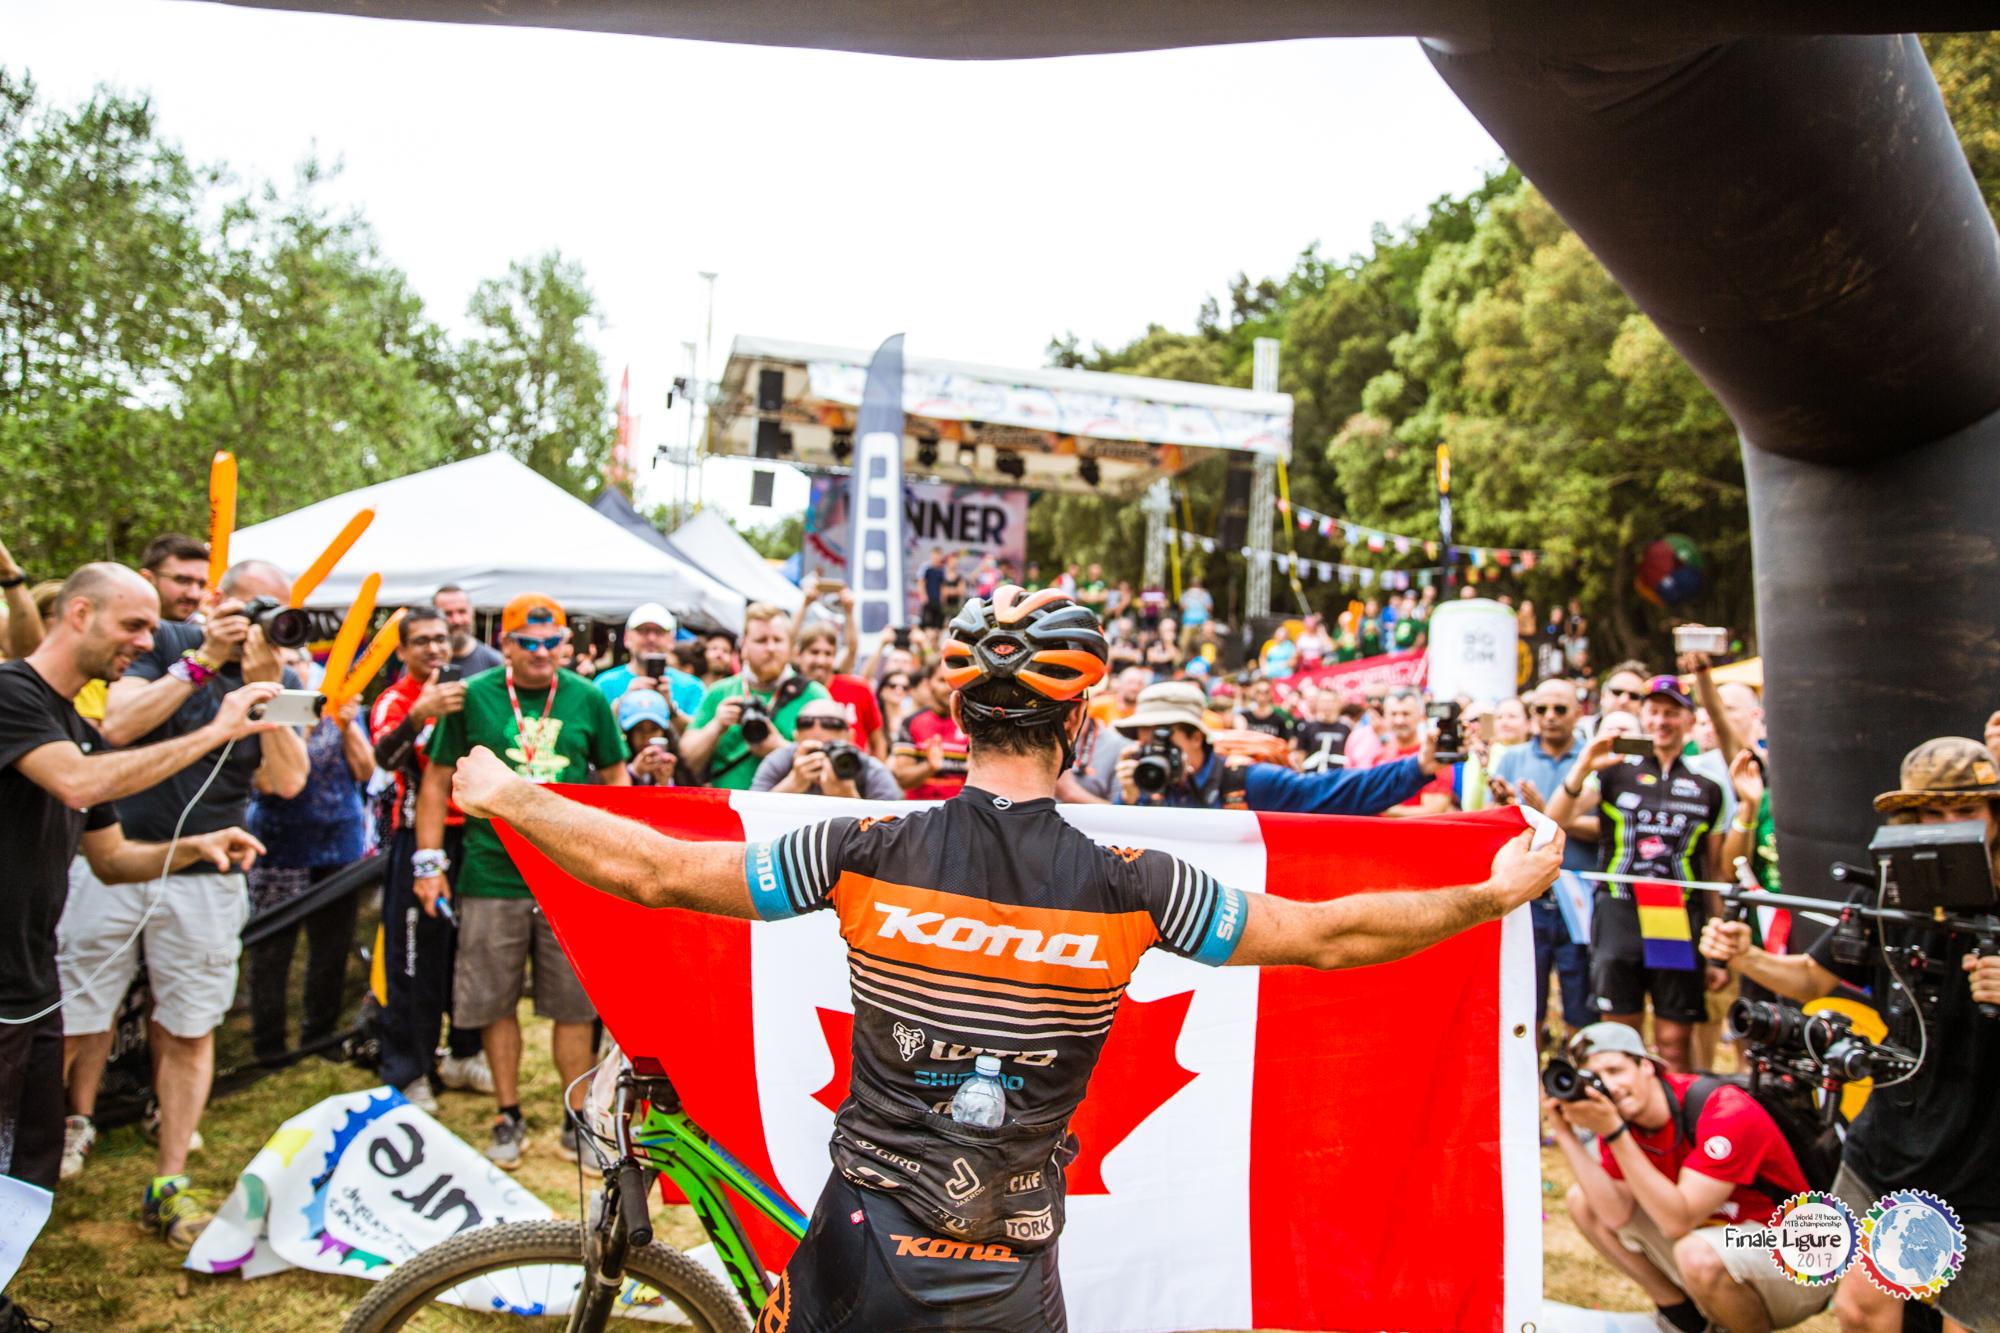 Canadense comemora primeiro título de campeão mundial / Foto Francesco Bartoli Avveduti